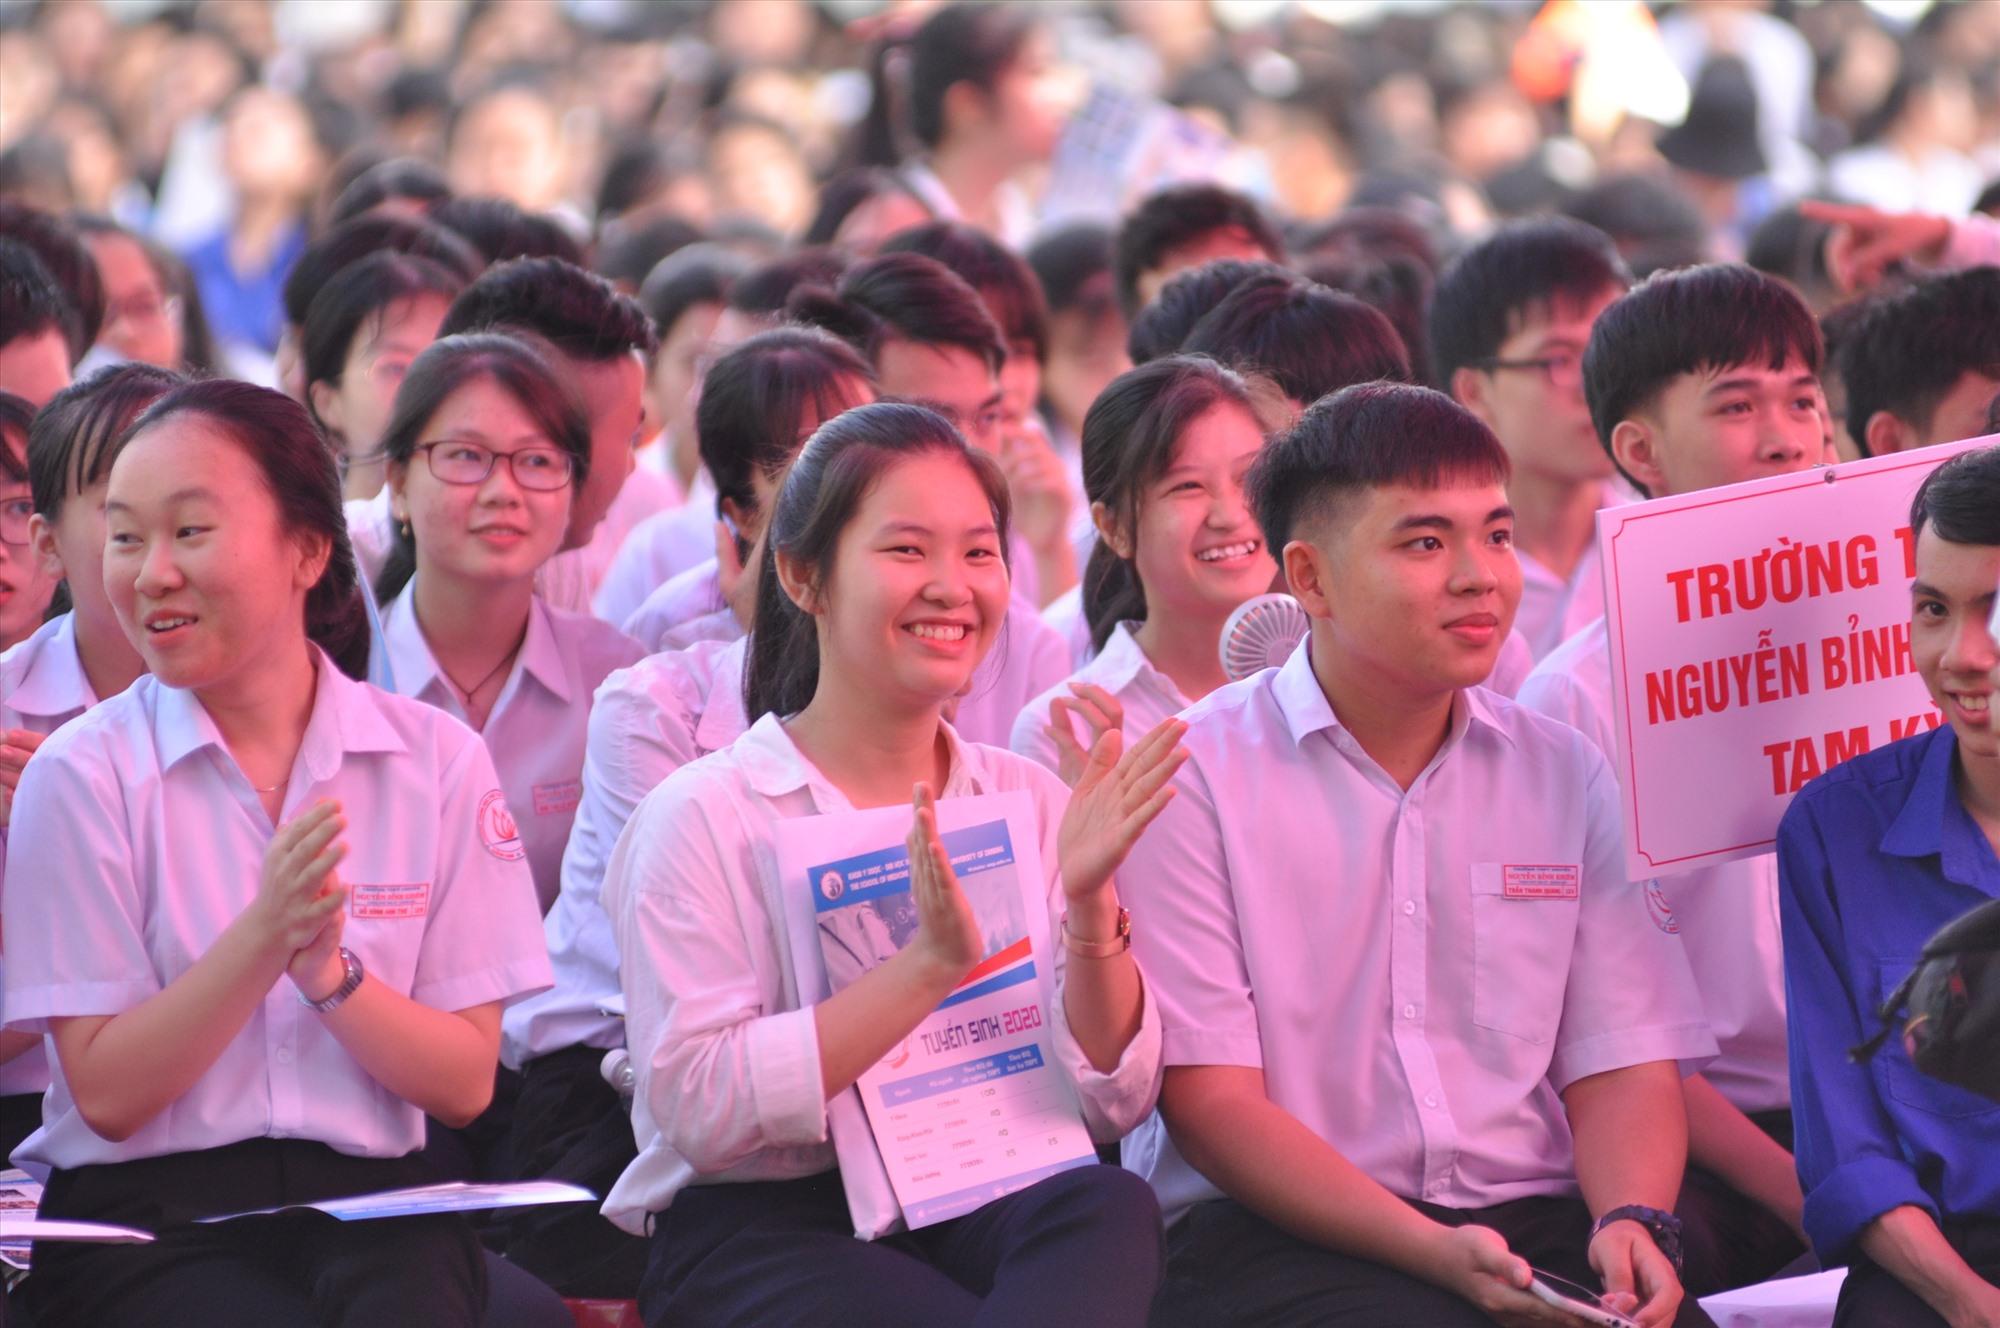 Gần 3.000 học sinh của các trường THPT trên địa bàn TP.Tam Kỳ và các địa phương lân cận tham gia chương trình. Ảnh: X.P